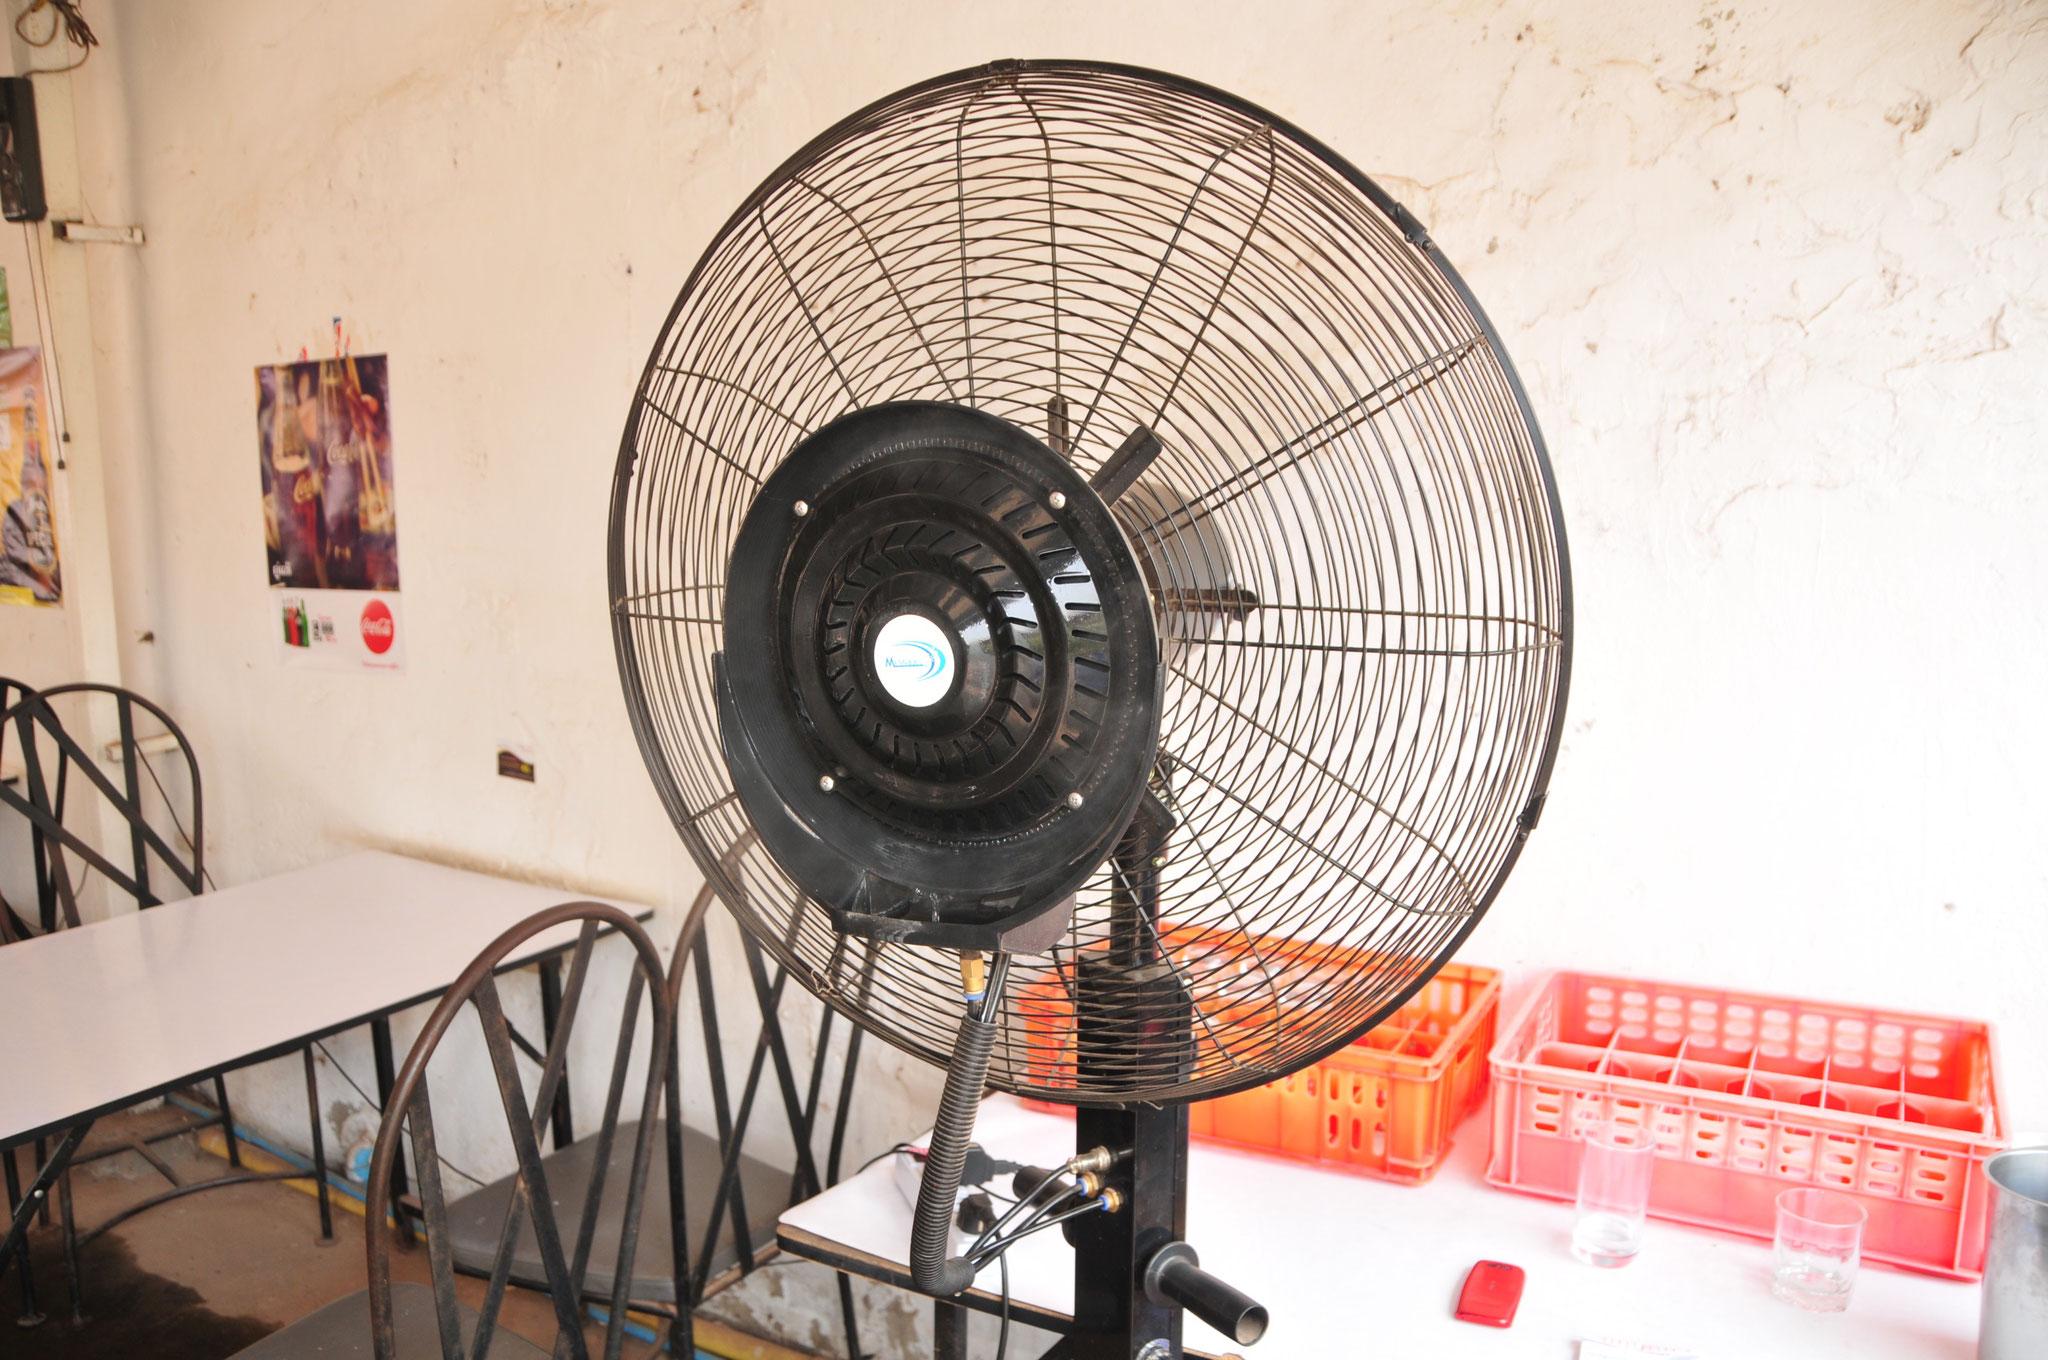 Hier wird Wasser in einen Ventilator gesprayed - ein Luftbefeuchter :-)